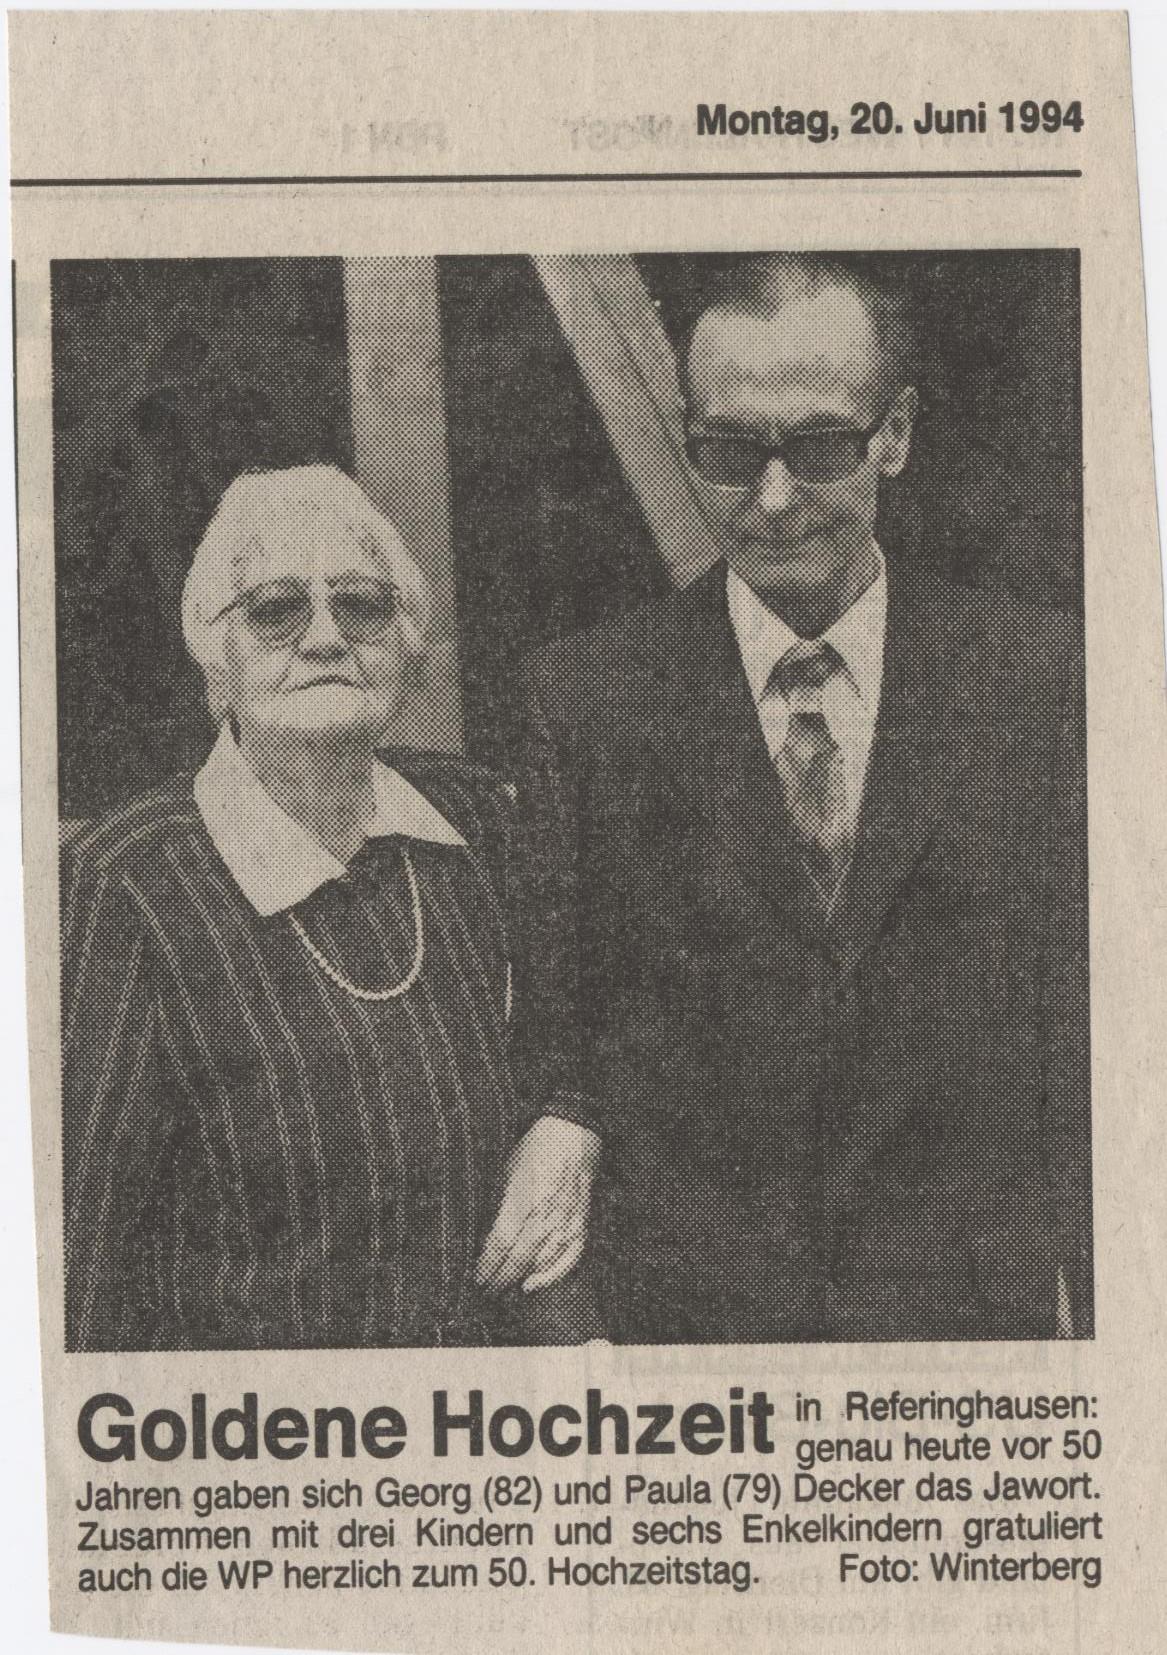 Goldene Hochzeit Georg und Paula Decker